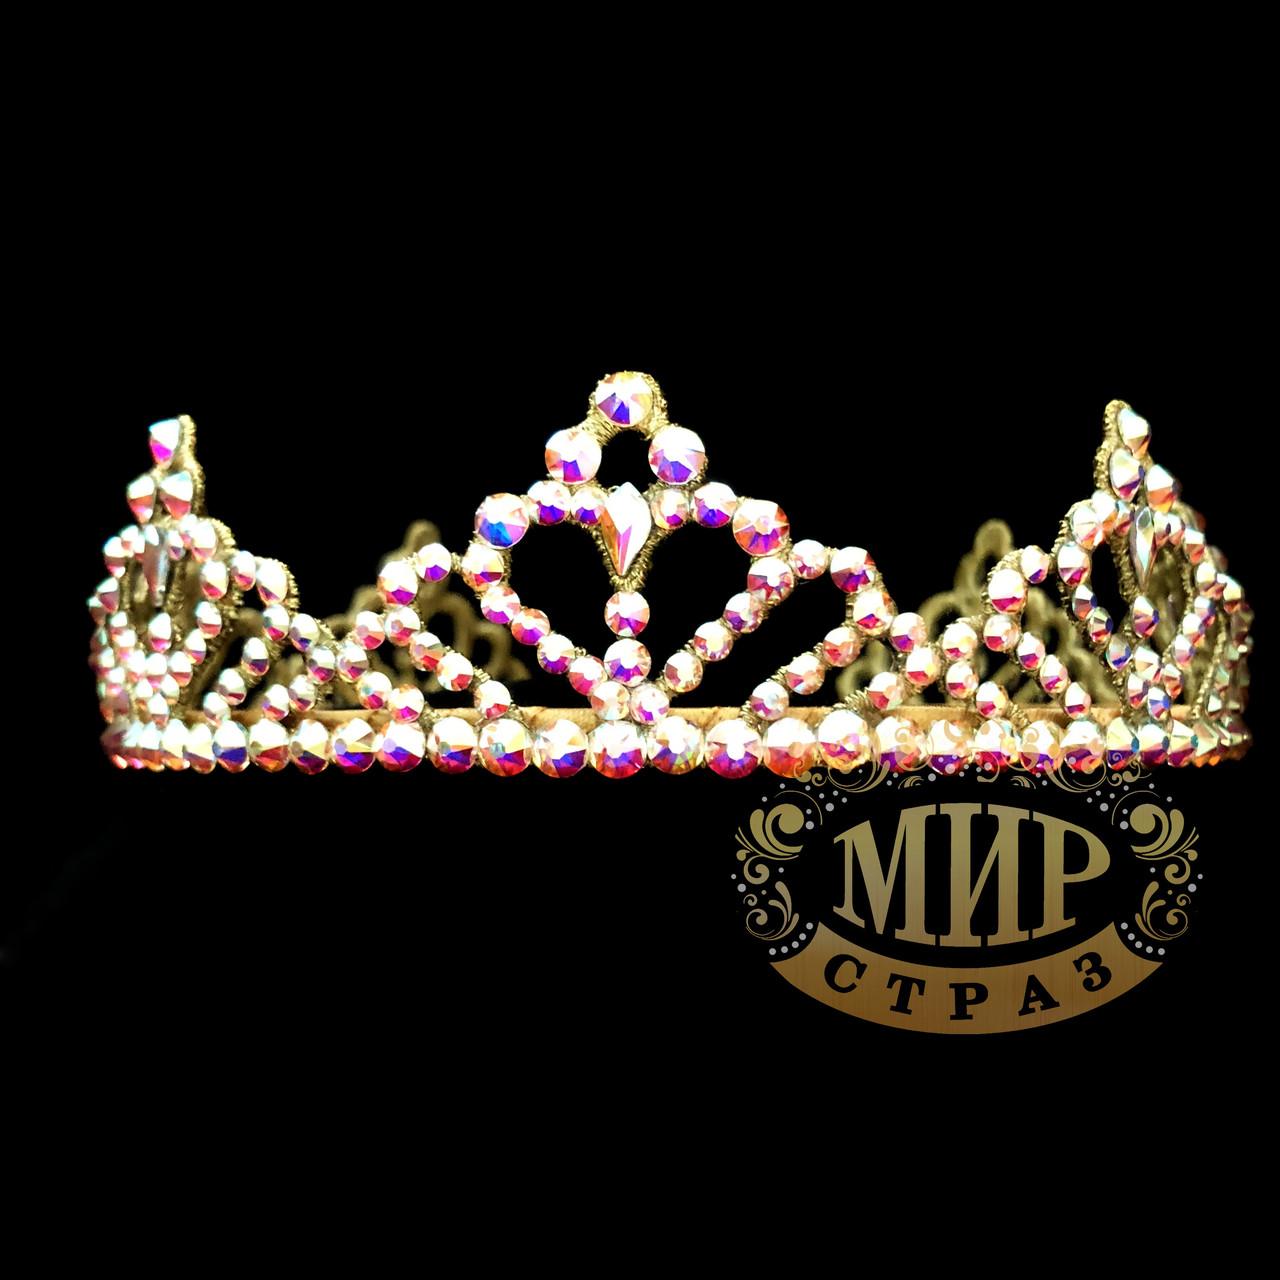 Купить Диадема (корона) для прически в Украина от